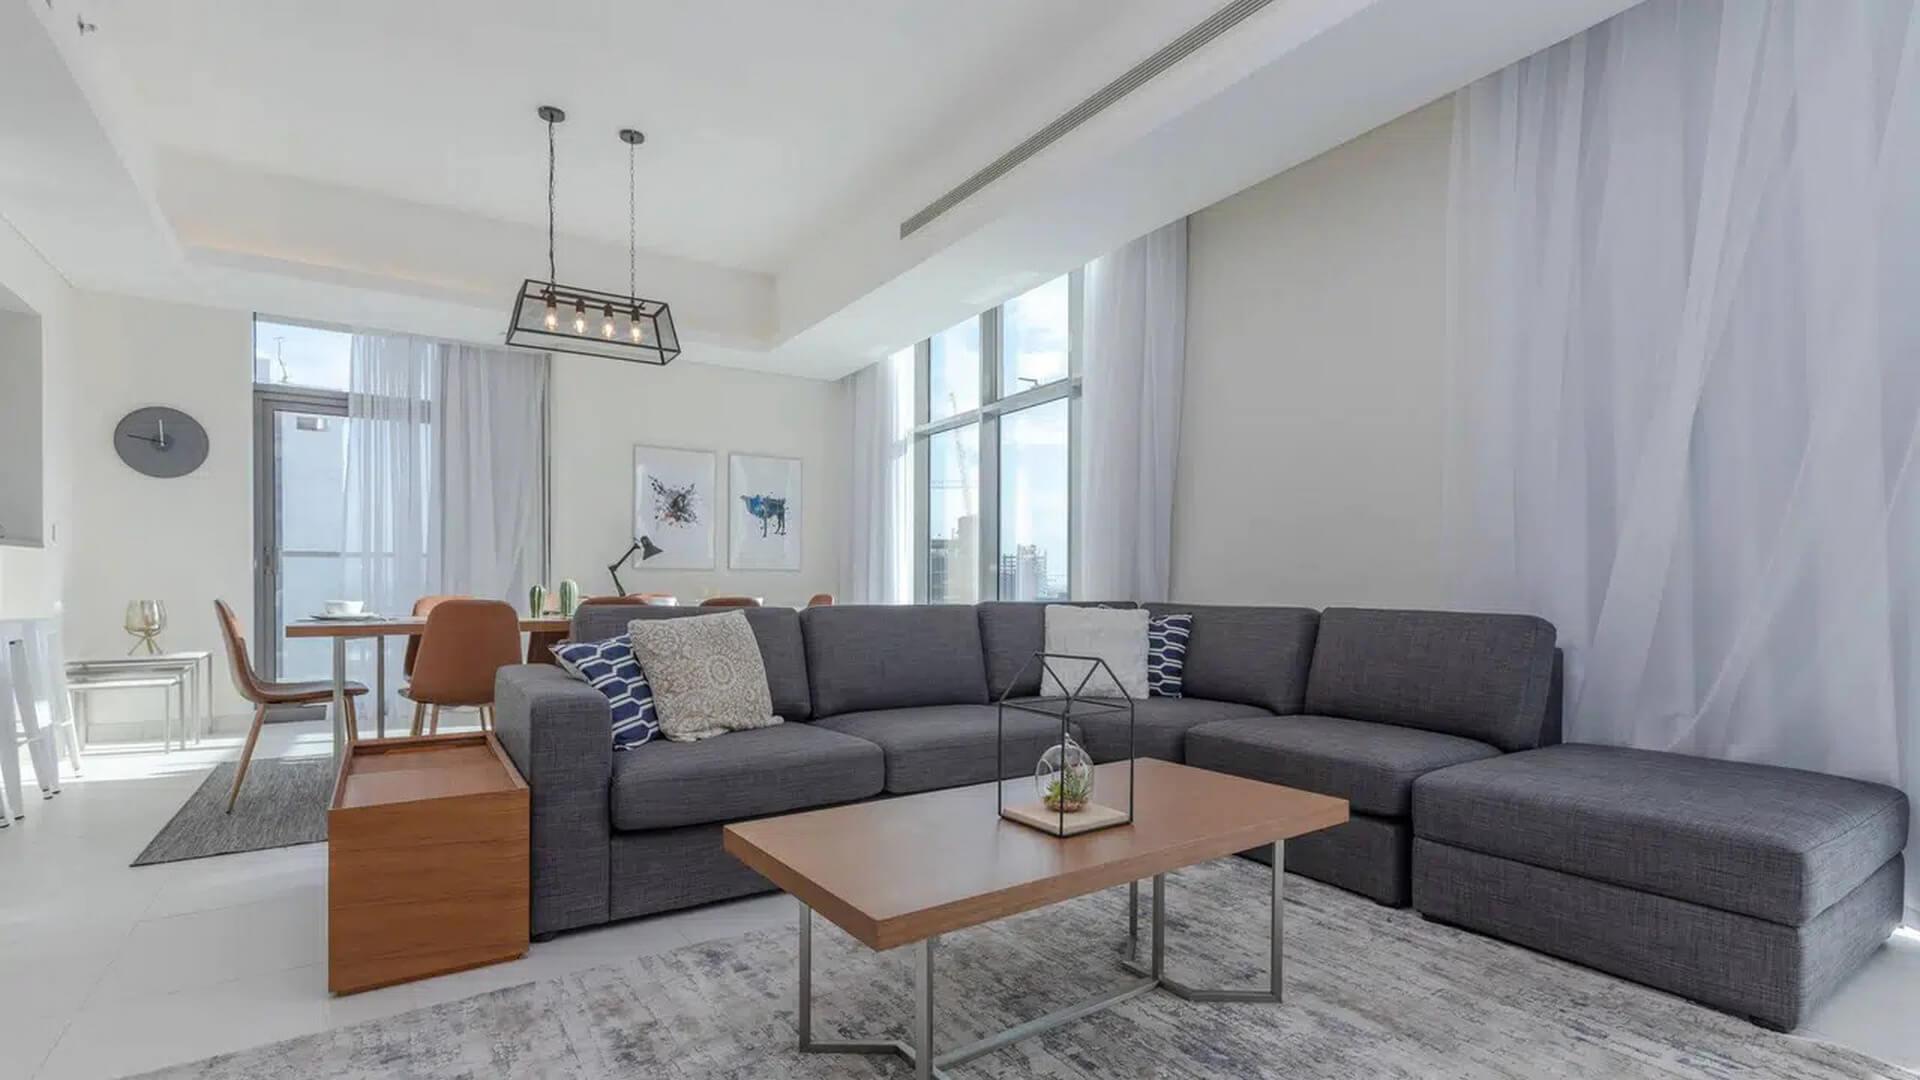 Apartamento en venta en Dubai, EAU, 1 dormitorio, 105 m2, № 24651 – foto 4